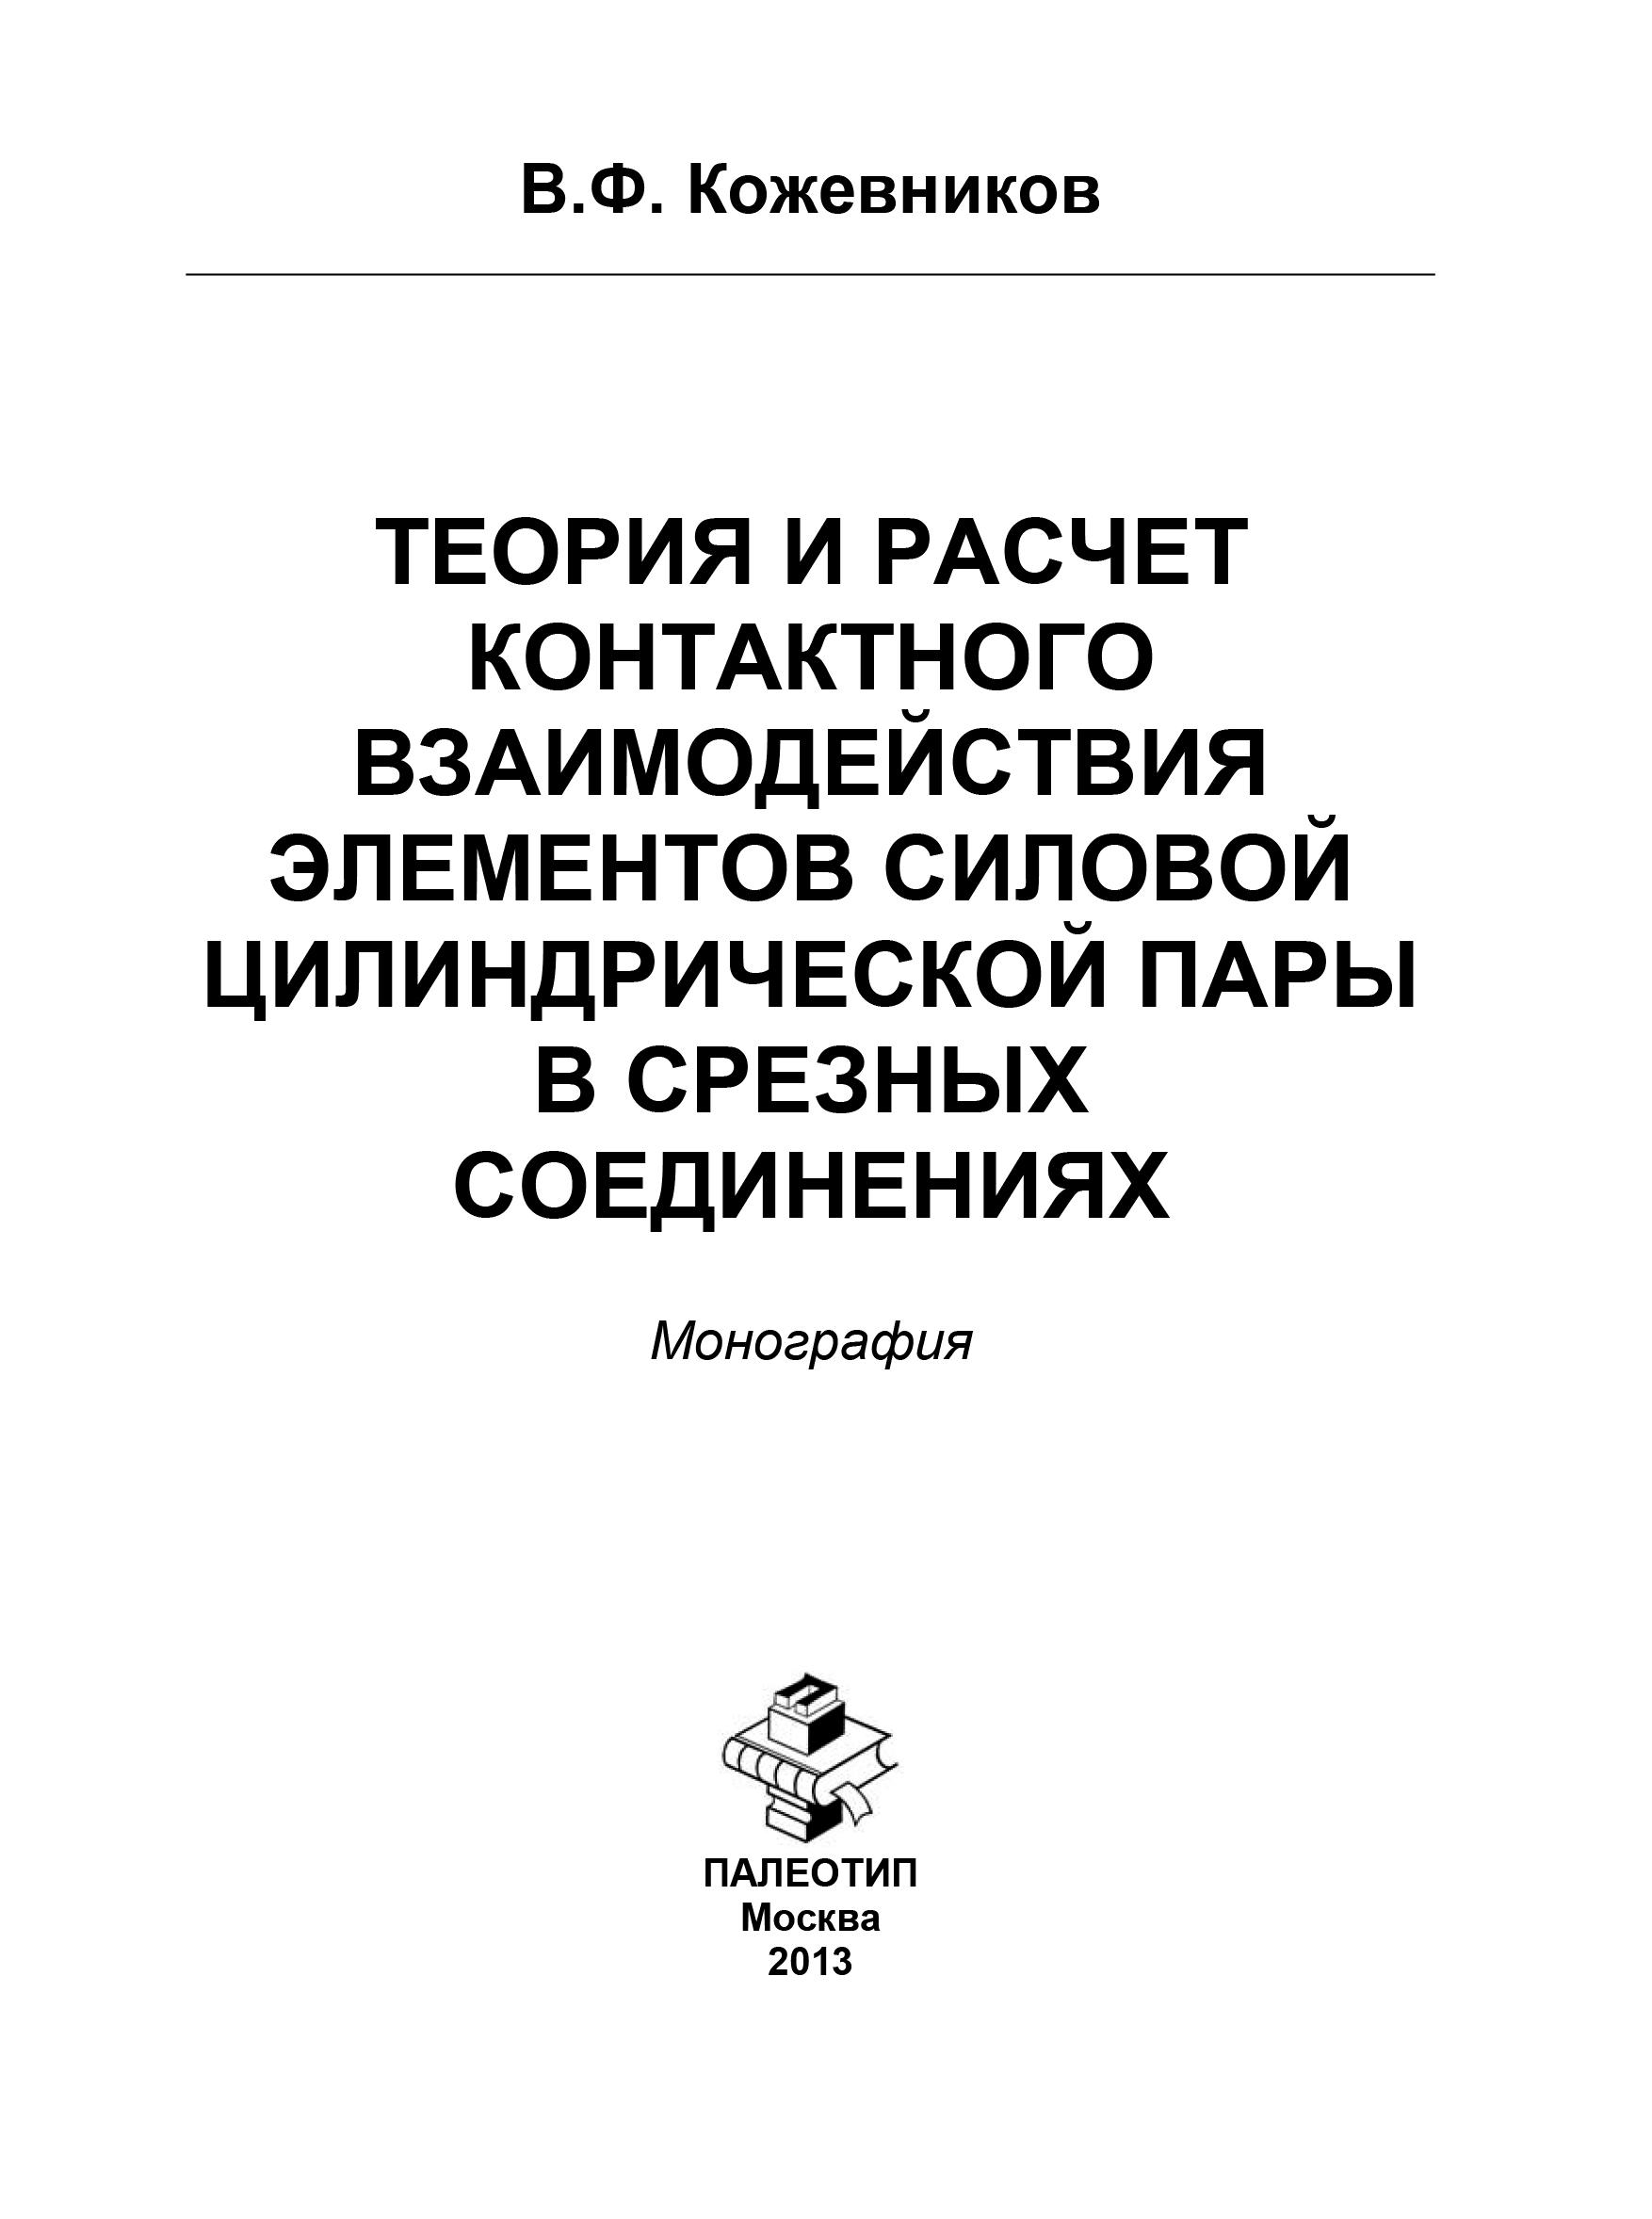 Владимир Кожевников Теория и расчет контактного взаимодействия элементов силовой цилиндрической пары в срезных соединениях